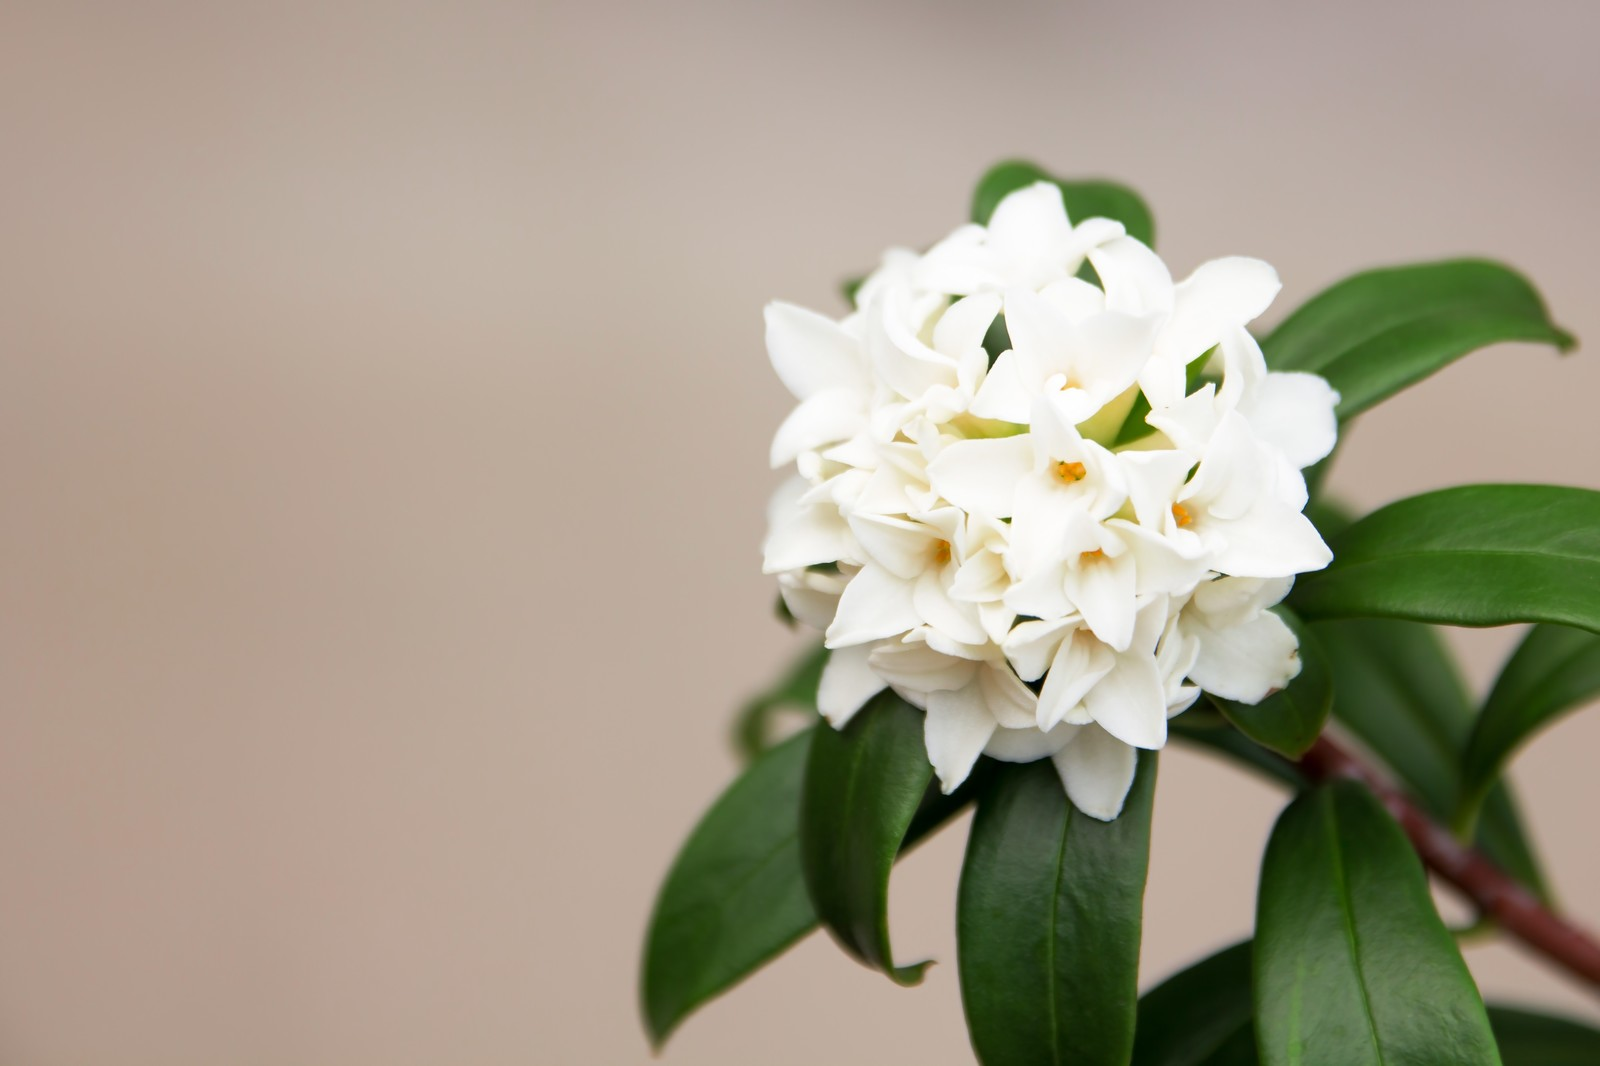 「沈丁花」の写真